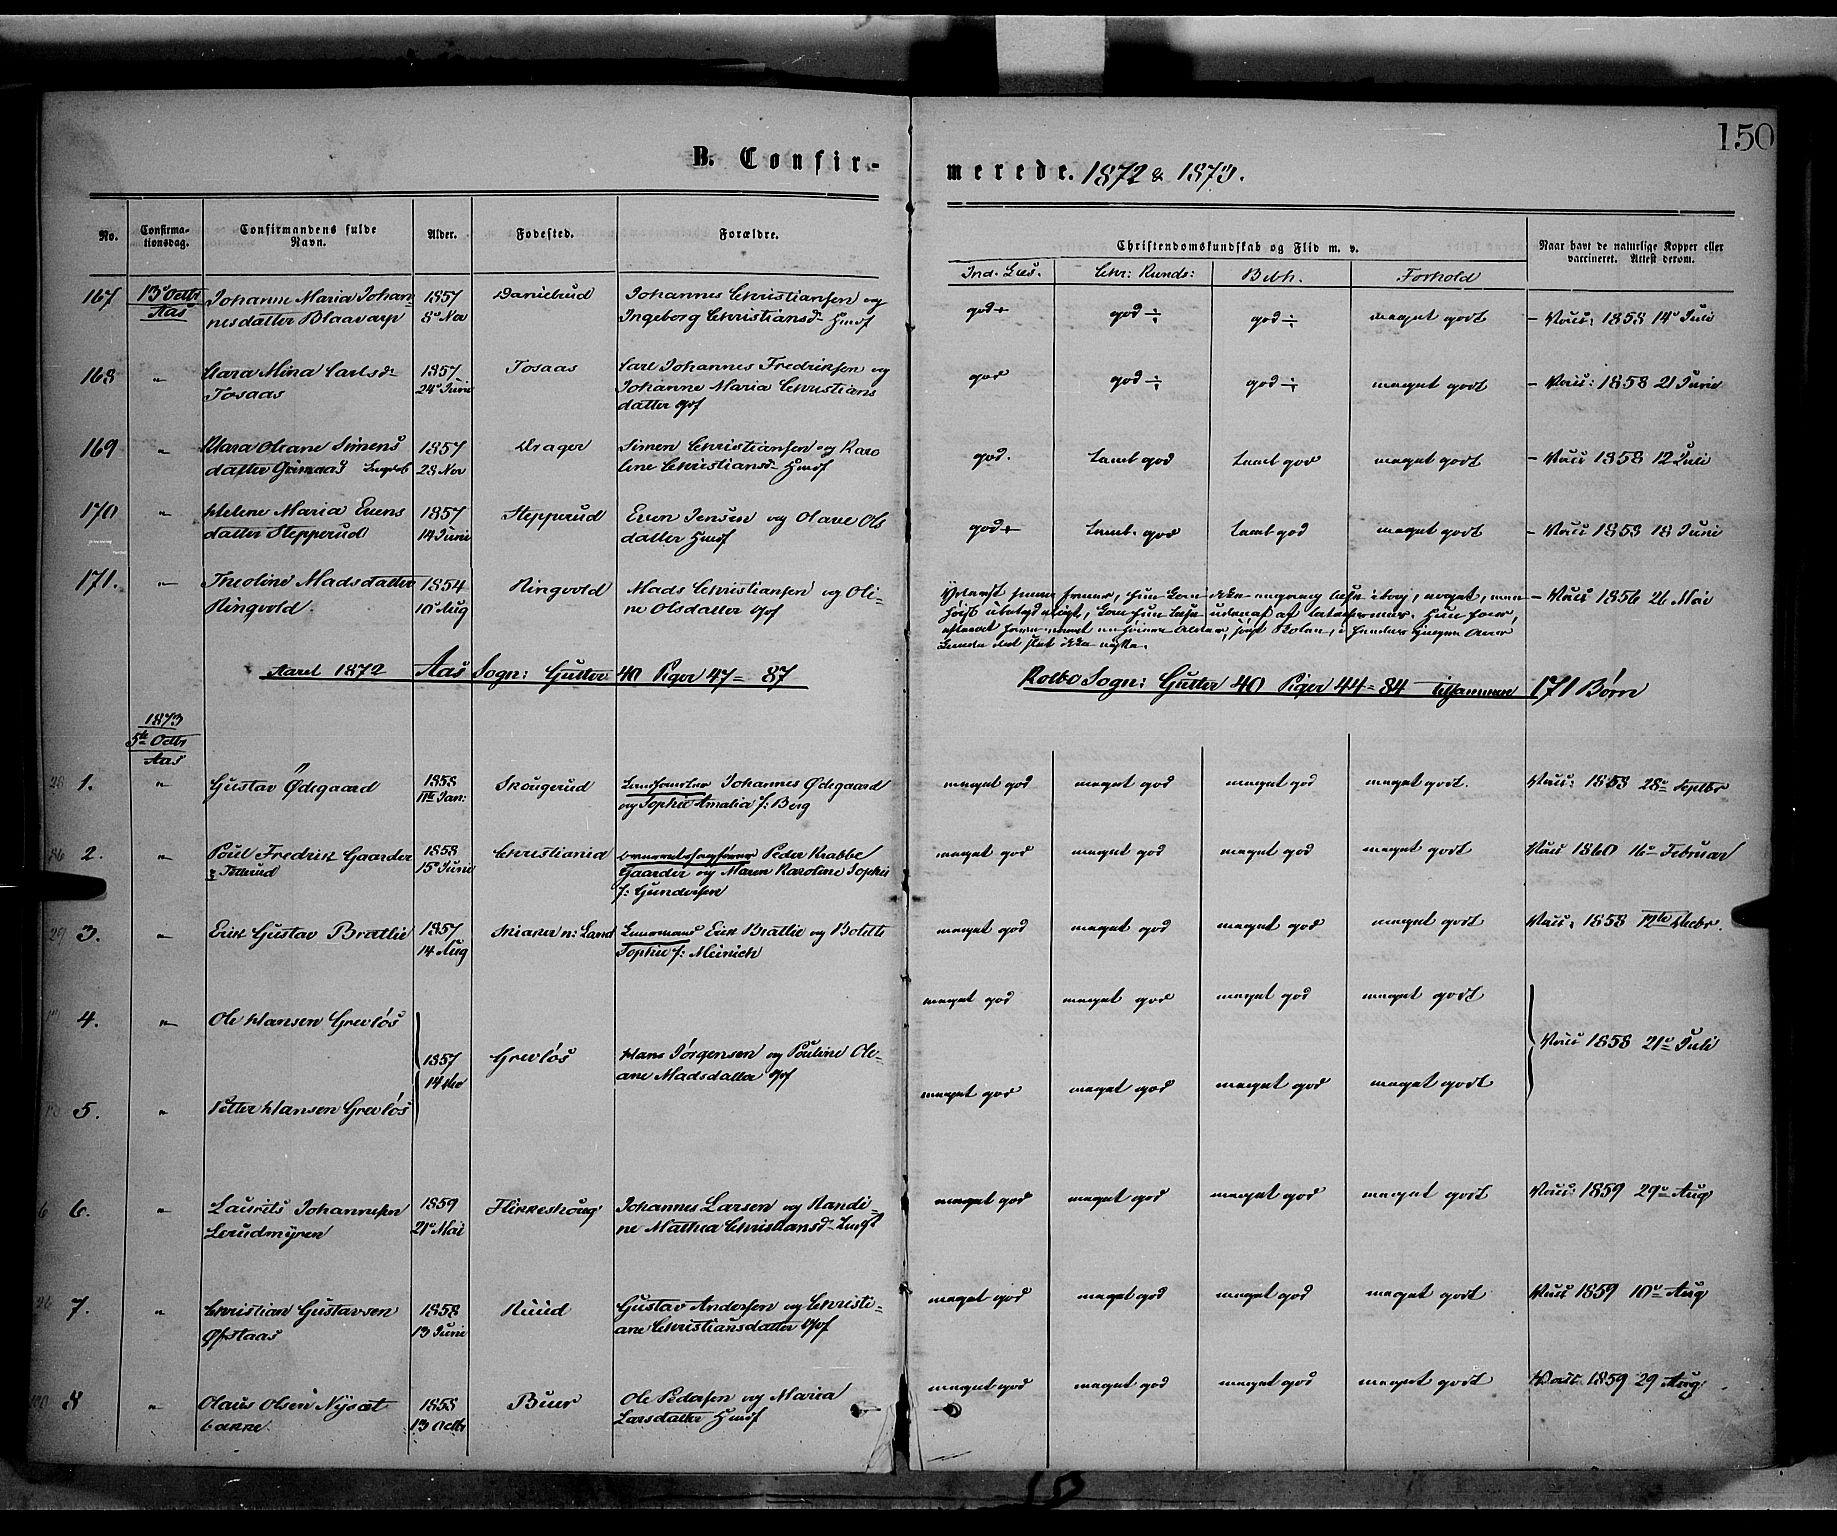 SAH, Vestre Toten prestekontor, Ministerialbok nr. 8, 1870-1877, s. 150